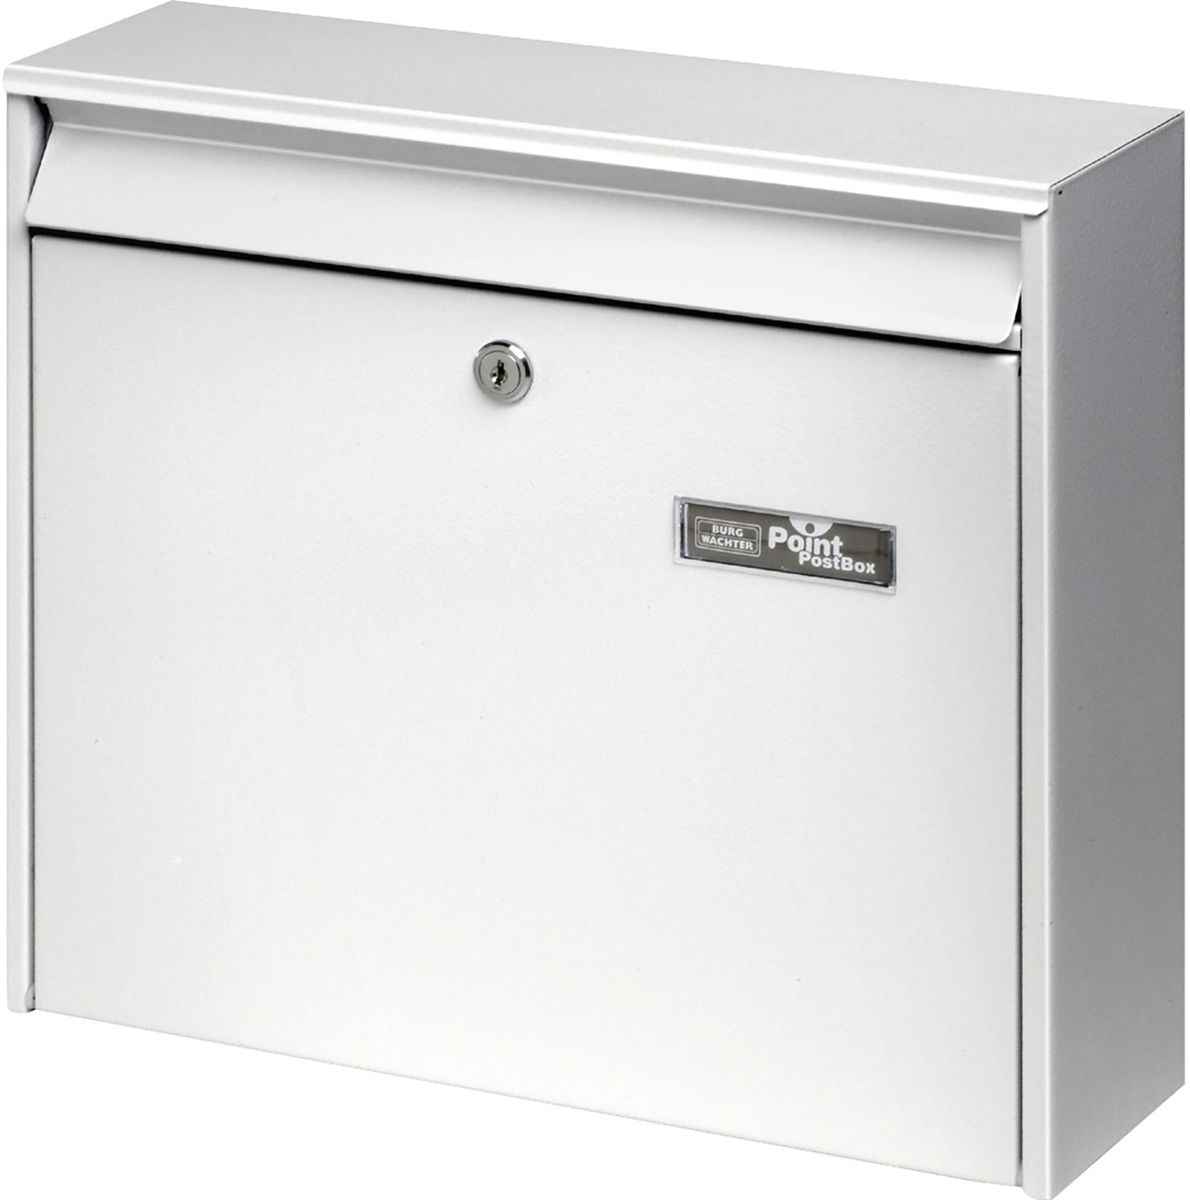 Burg Wächter Mail zilver brievenbus kopen